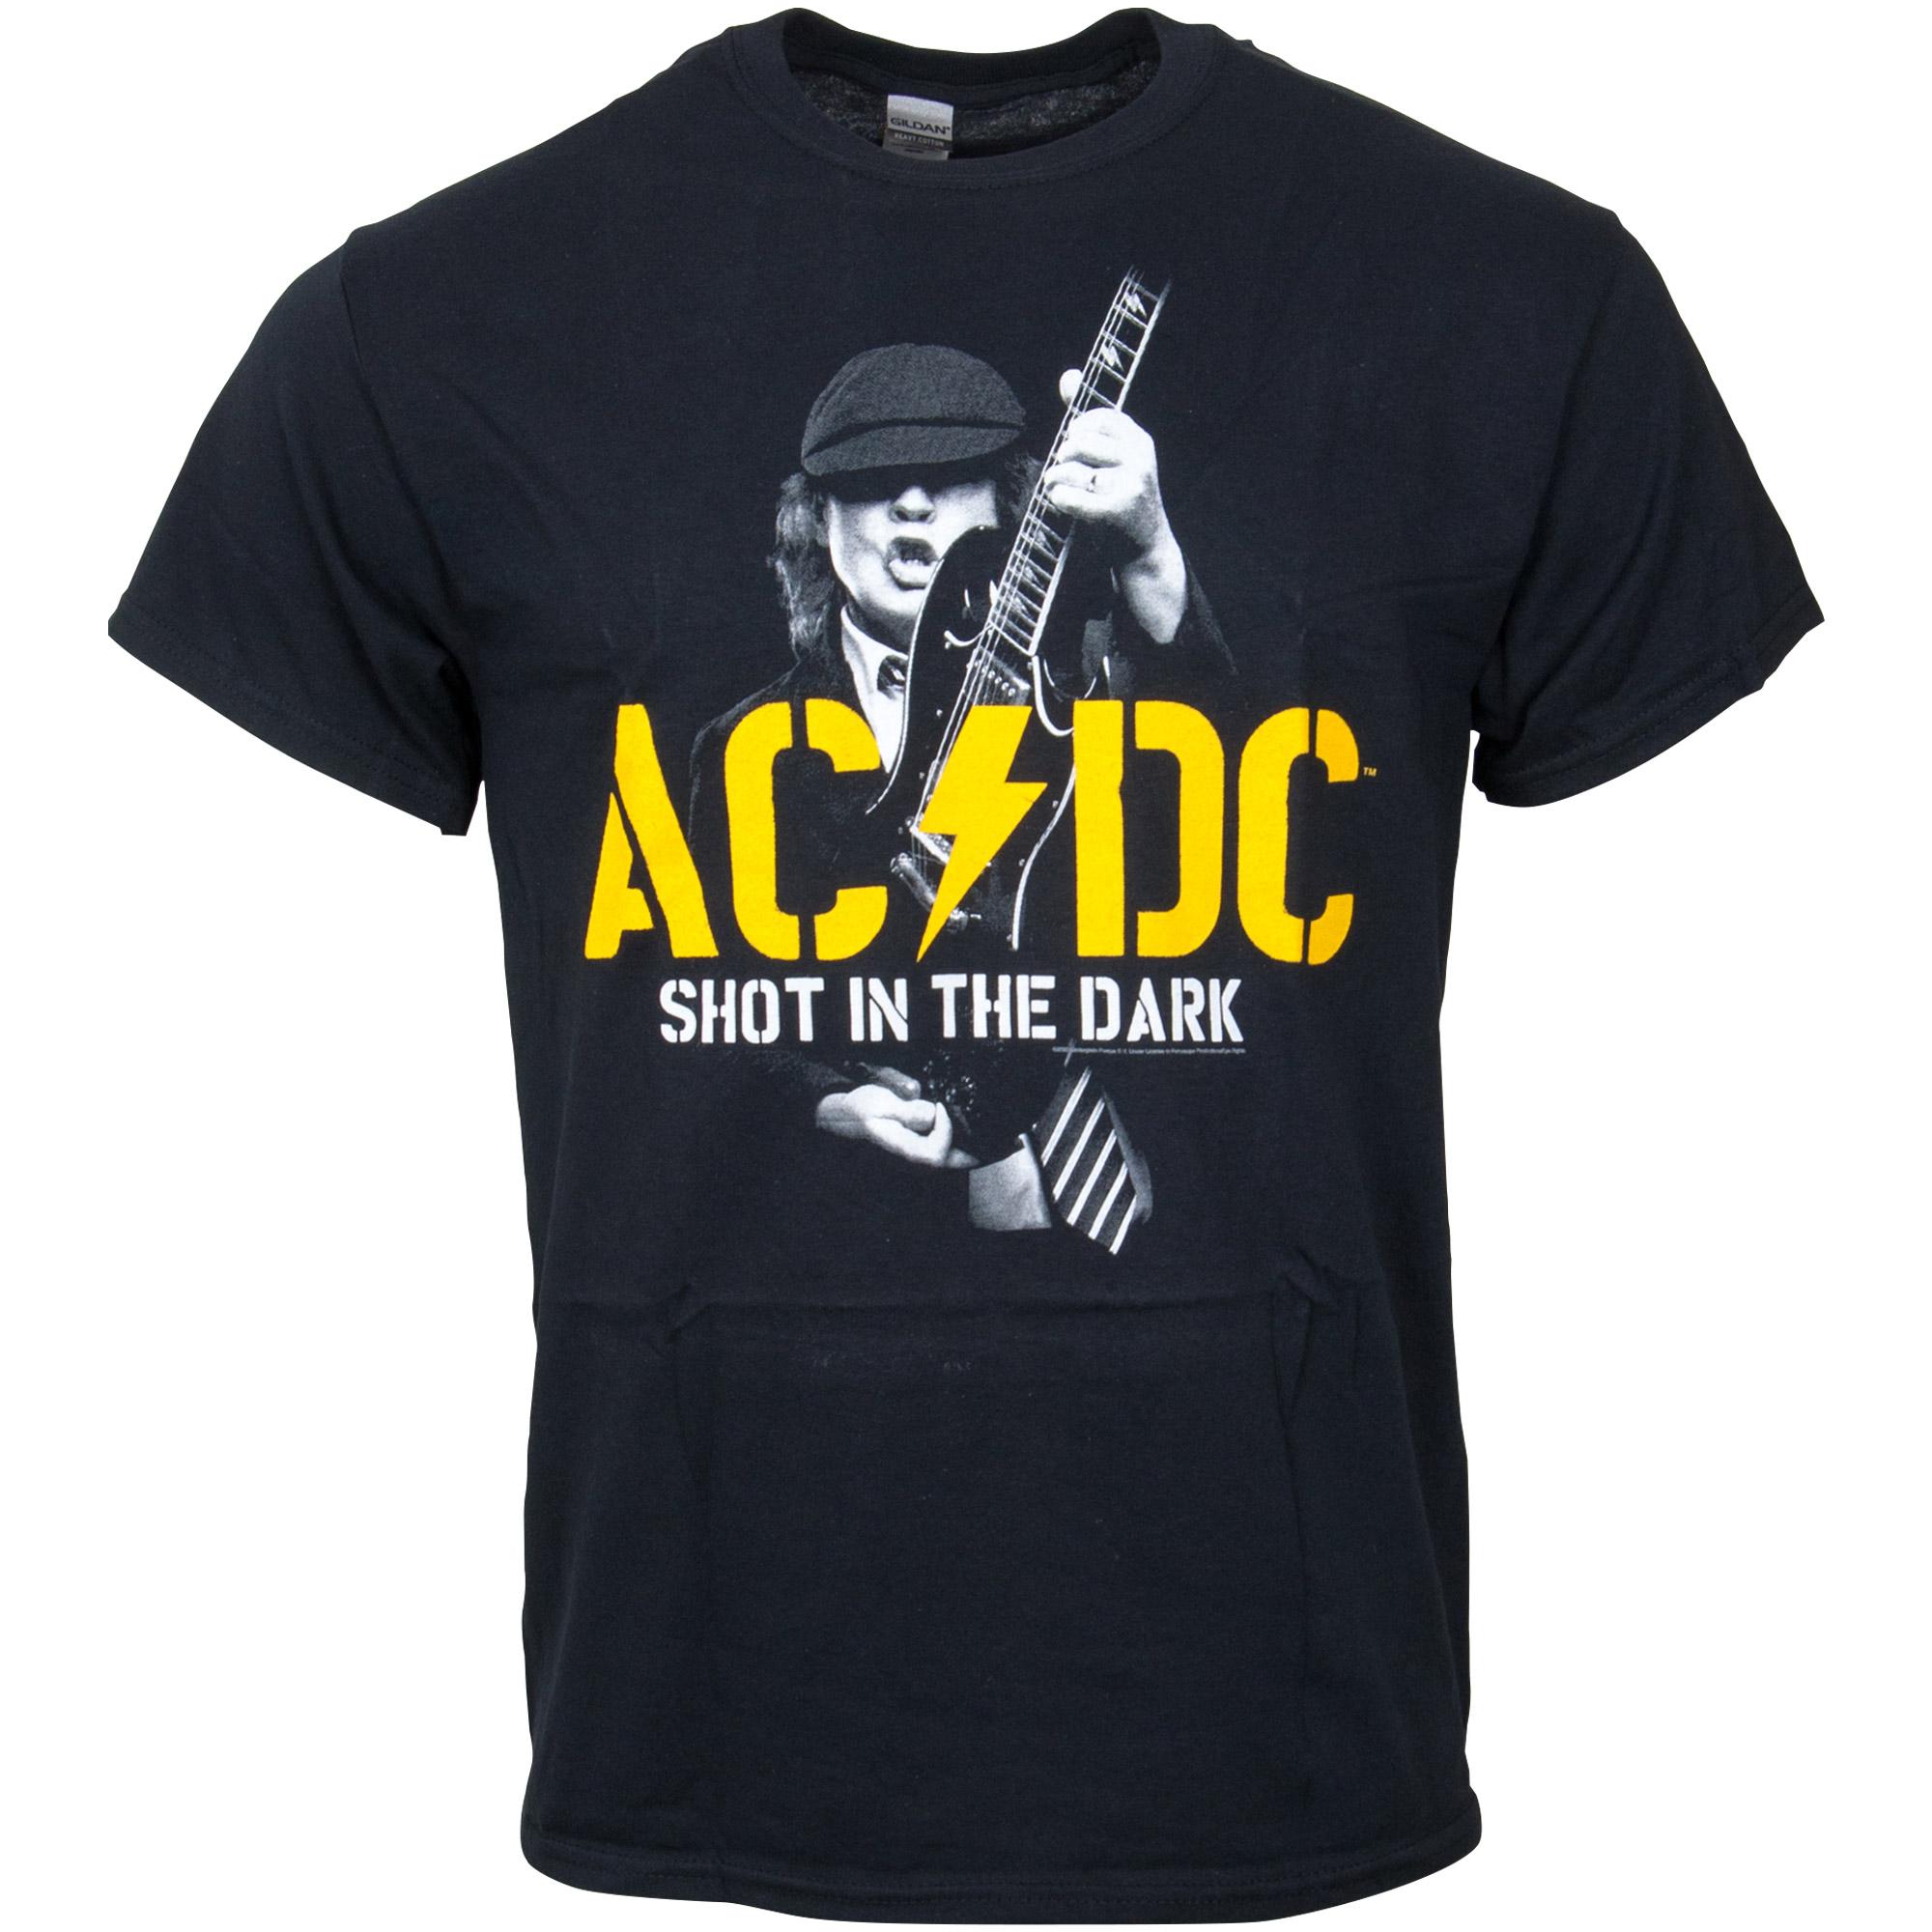 AC/DC - T-Shirt Shot In The Dark - schwarz